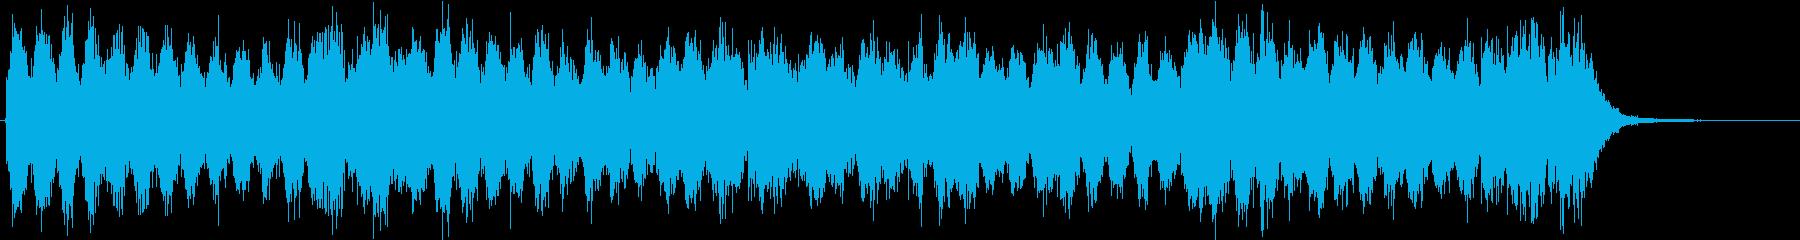 ベートーヴェン第九「歓喜の歌」コーラス有の再生済みの波形